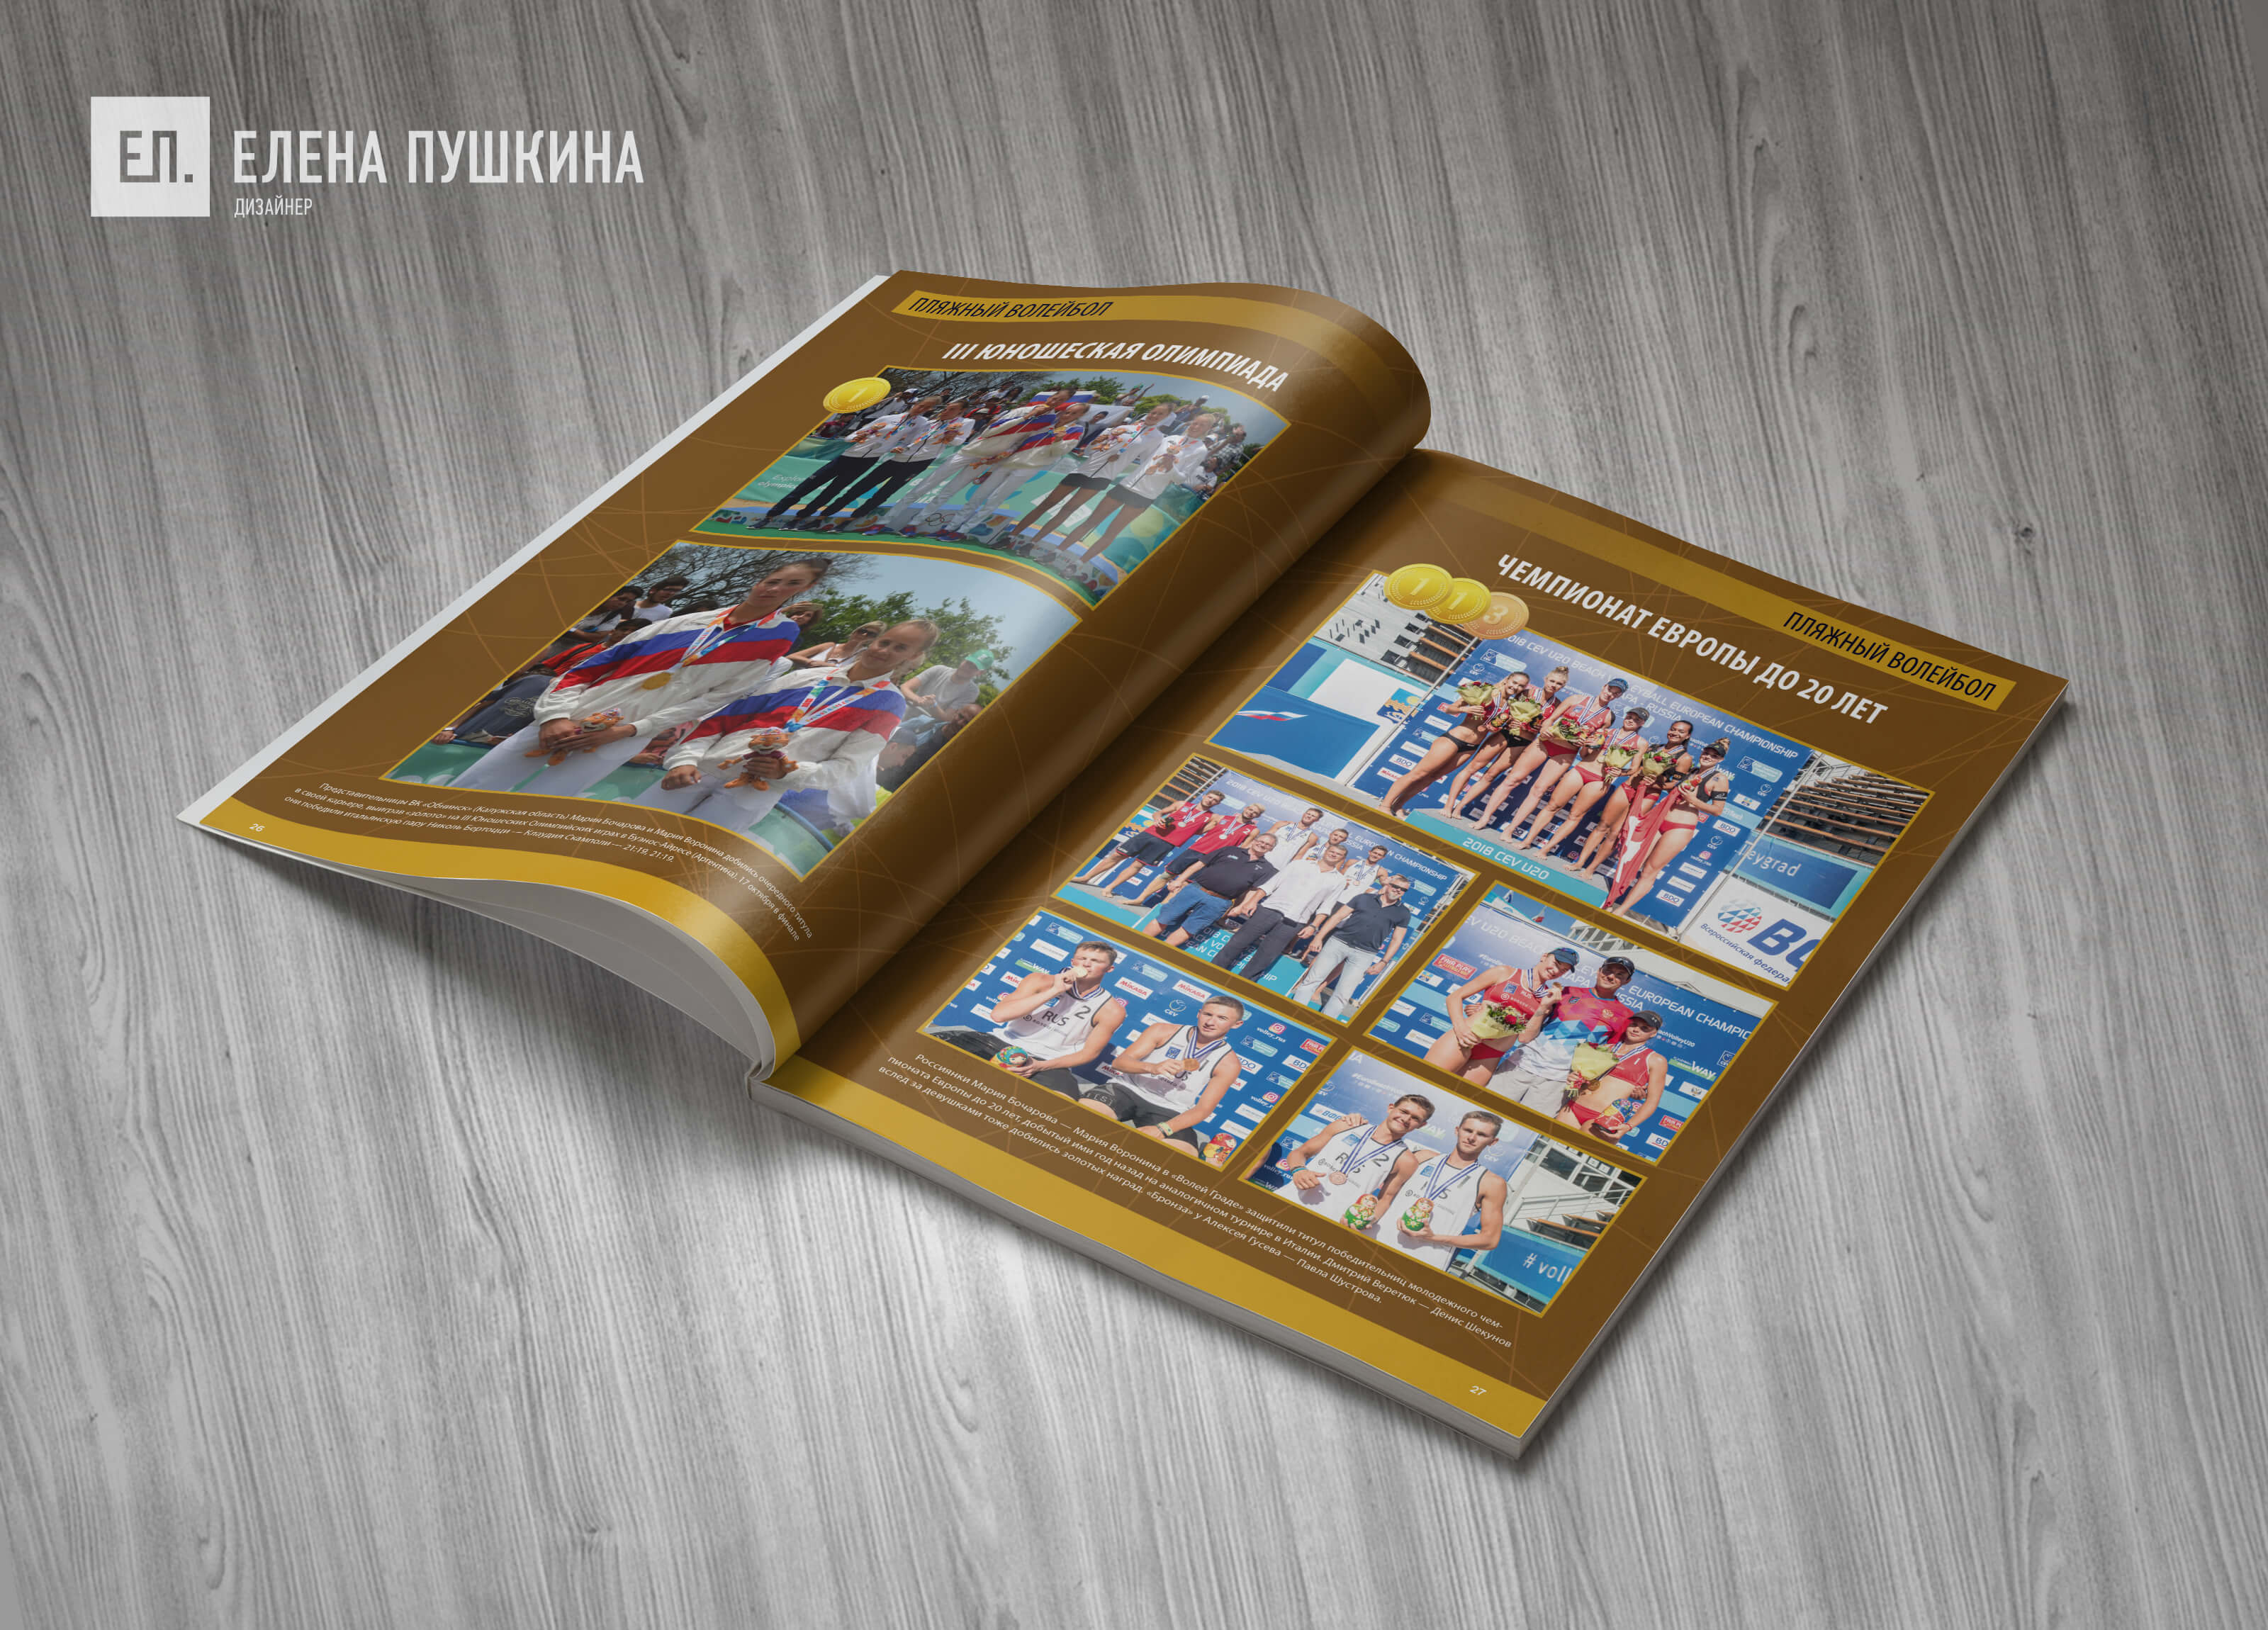 Буклет отчётной конференции ВФВ «Волейбол. Достижения 2017–2018»— разработка дизайна с«нуля» ивёрстка брошюры Дизайн брошюр, буклетов Портфолио